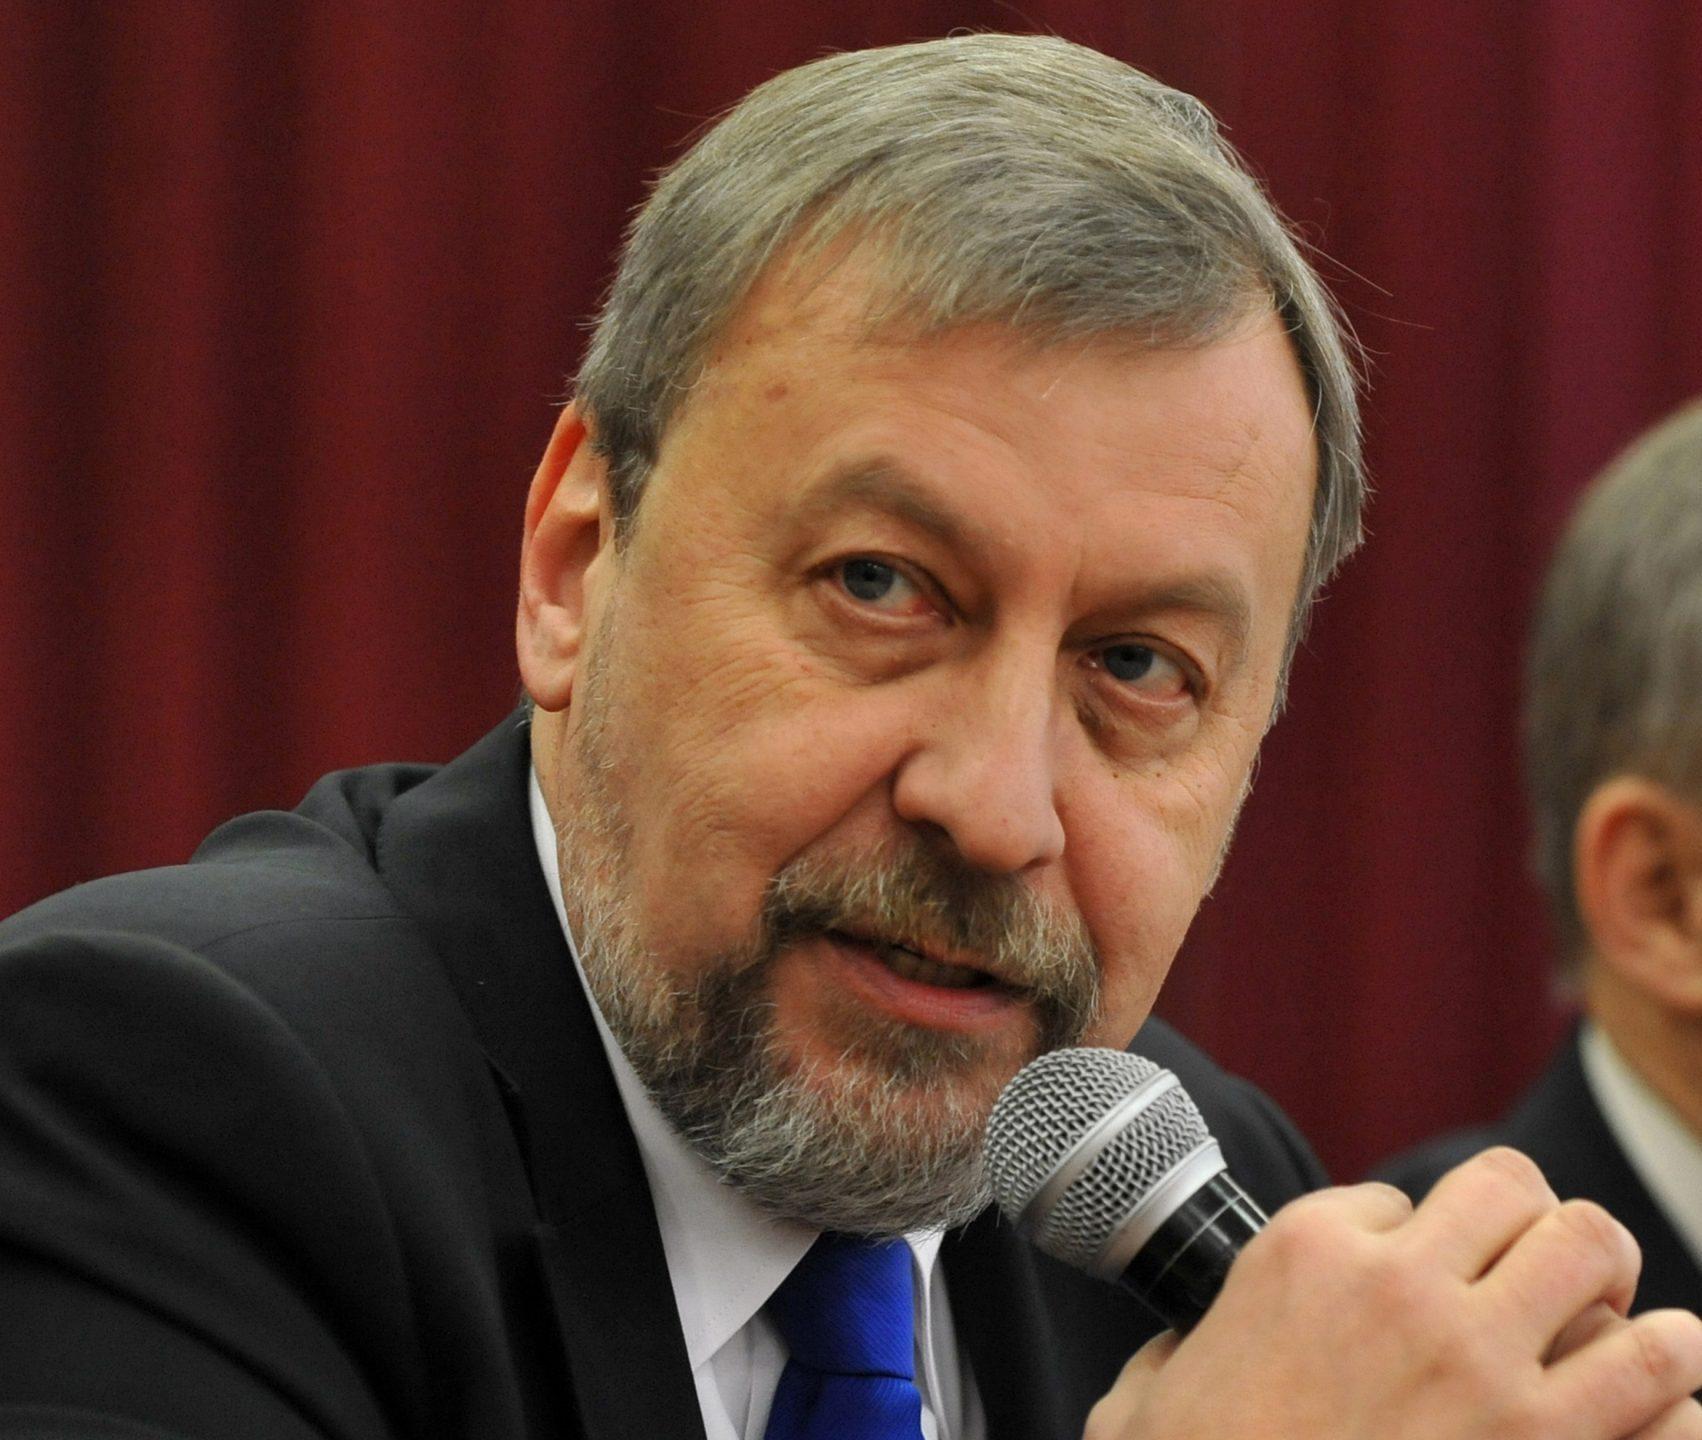 Andrei Sannikov